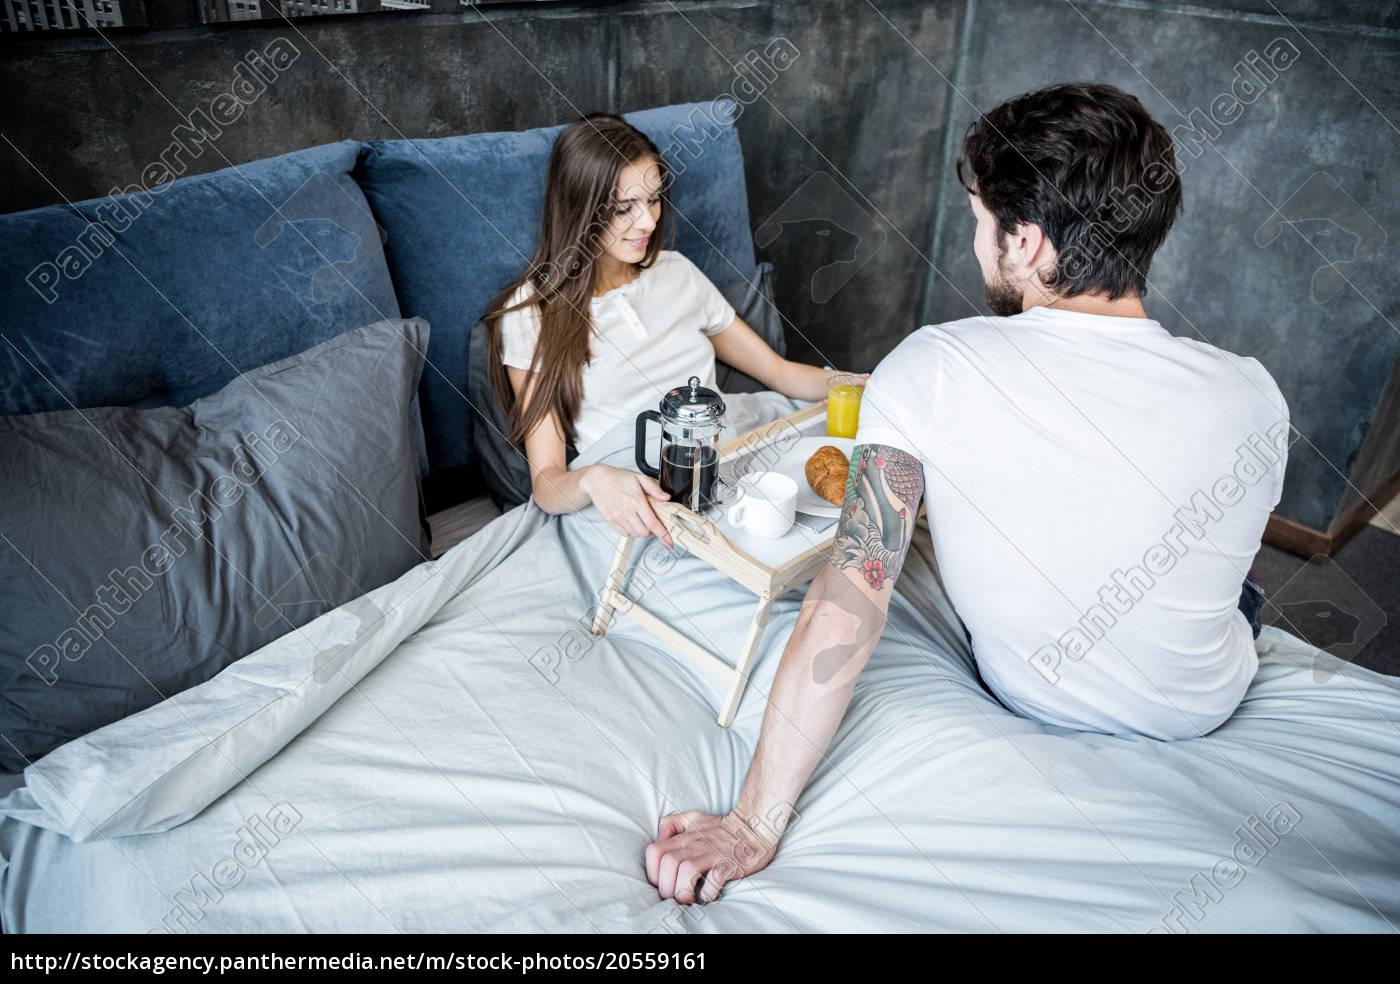 man, brings, breakfast, in, bed - 20559161